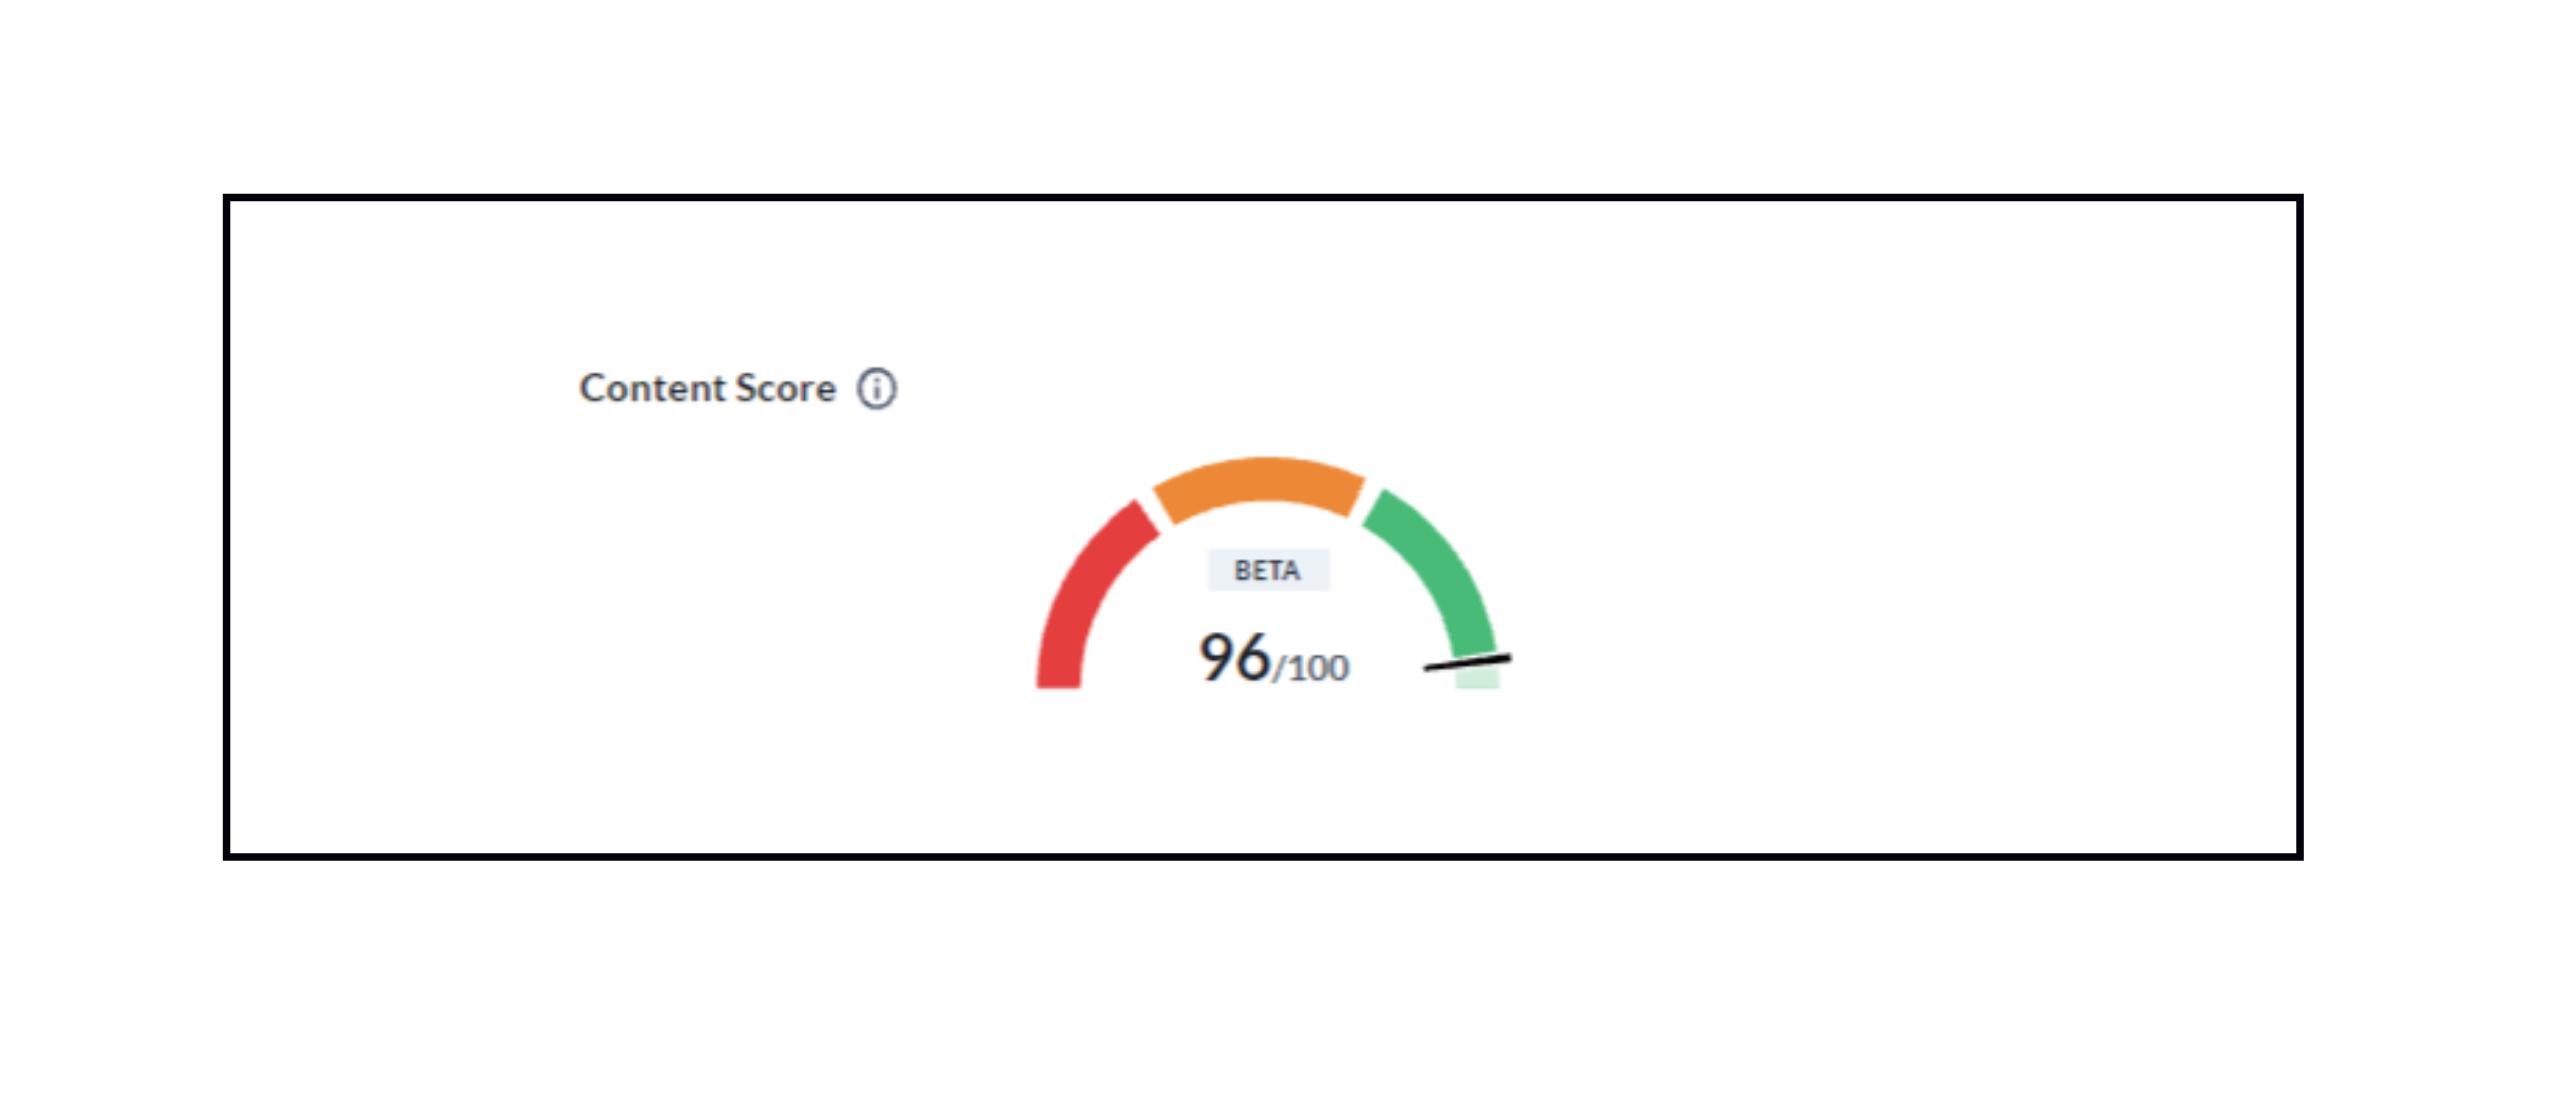 Gegarandeerd een sterkere SEO positie in Google met onze unieke content score